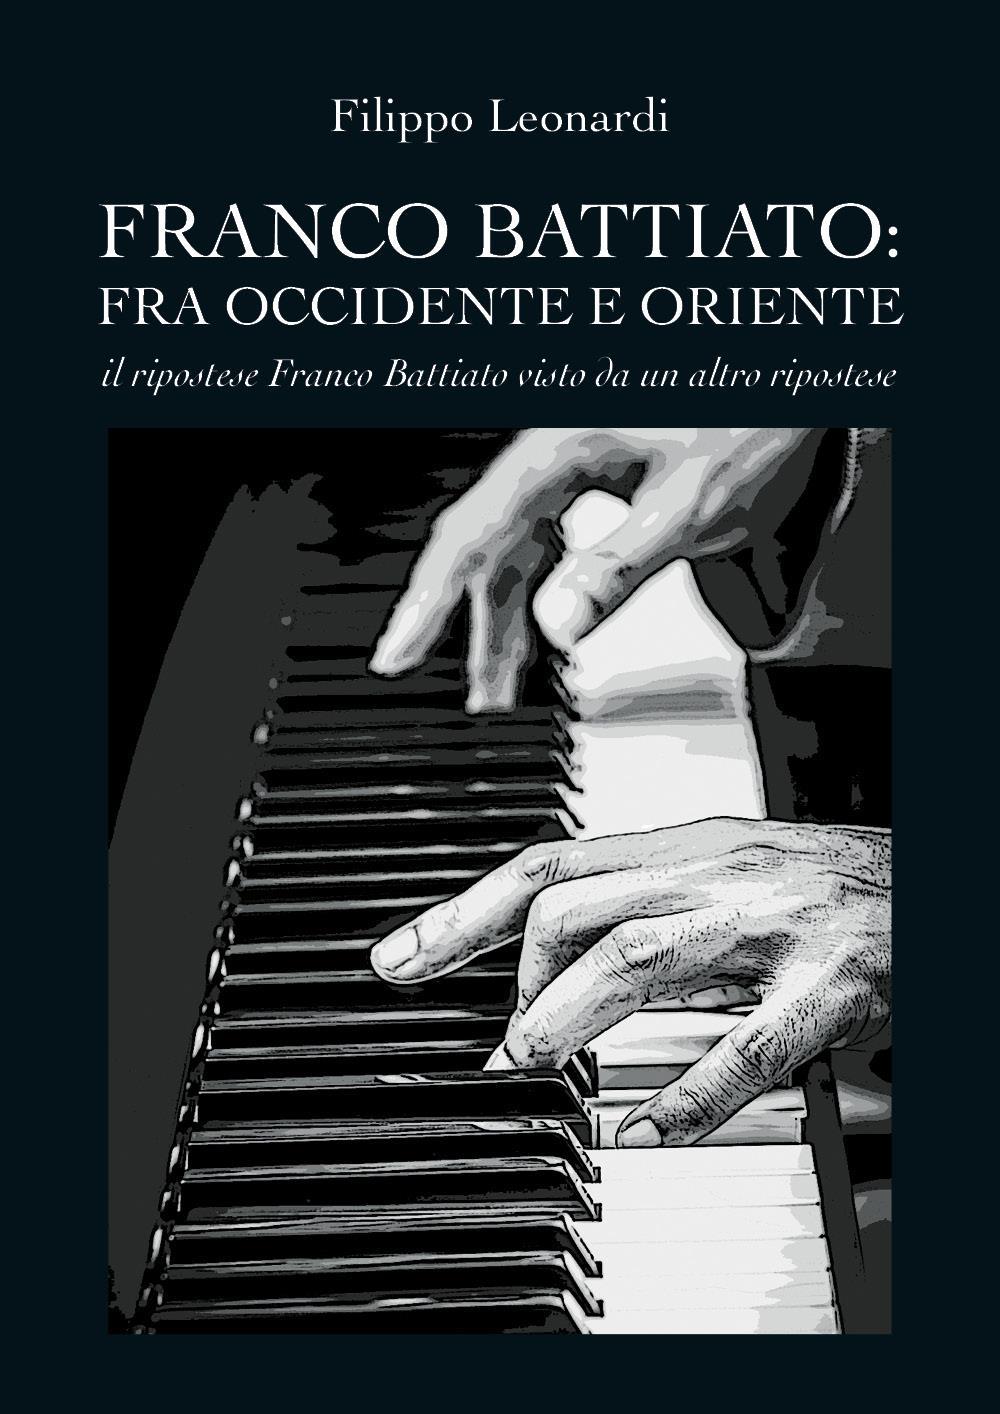 FRANCO BATTIATO: fra Occidente e Oriente - Il ripostese Franco Battiato visto da un altro ripostese